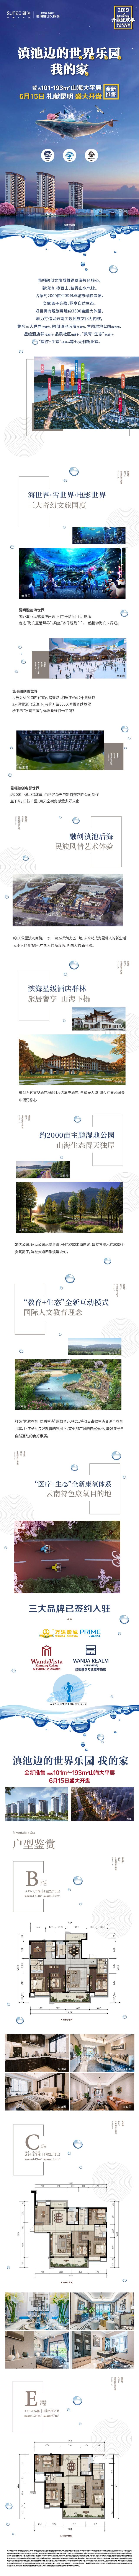 滇池边的世界乐园.jpg